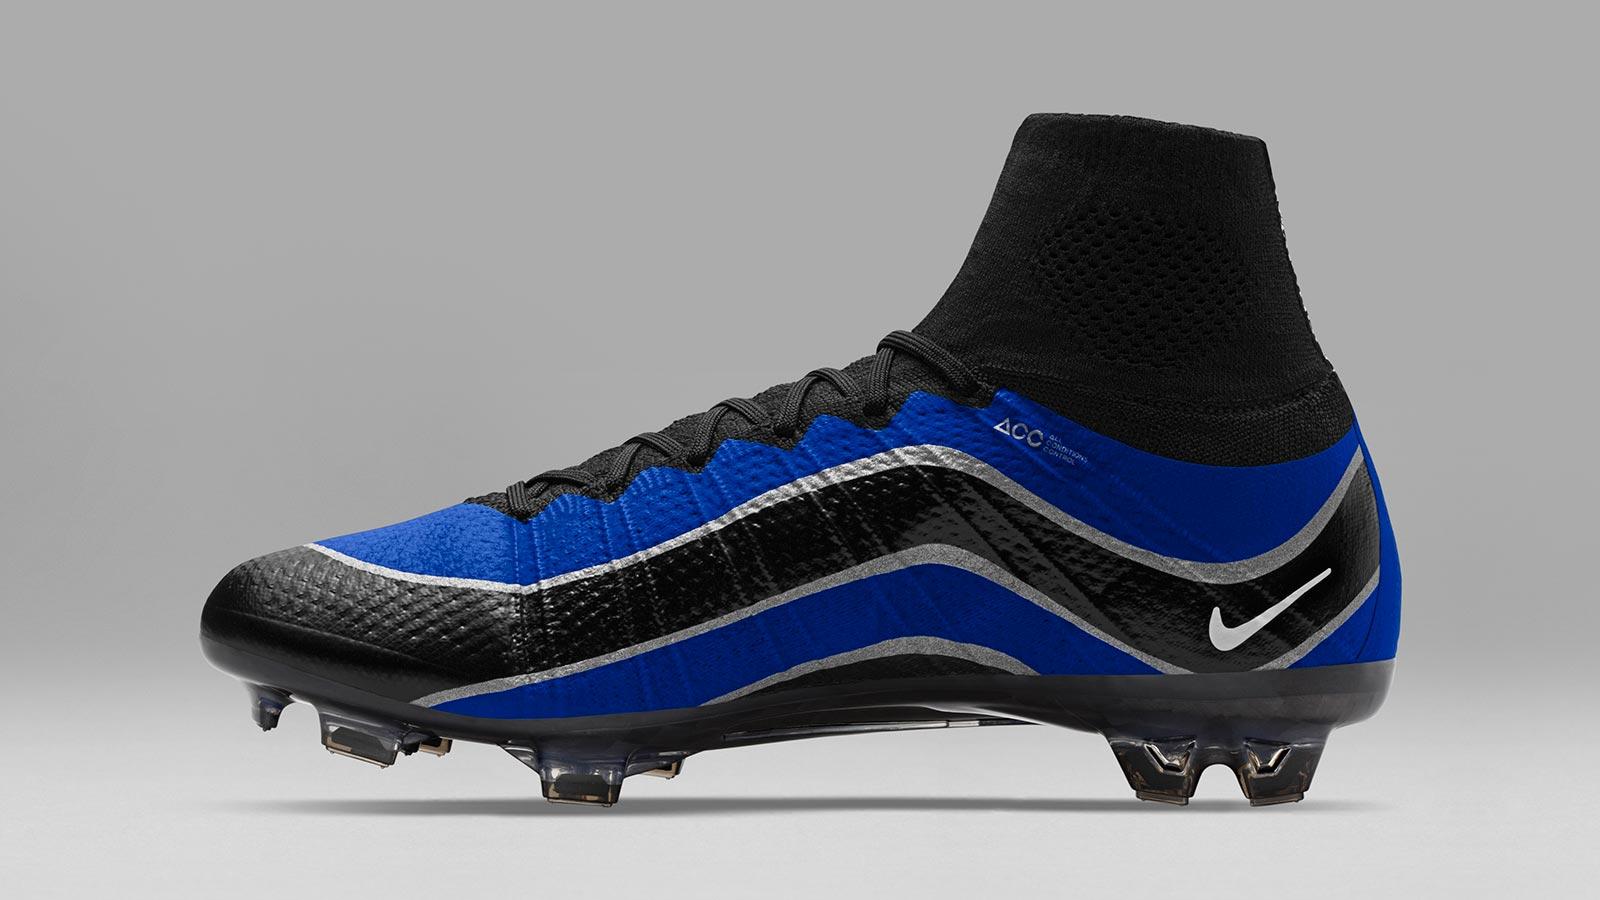 Nike Mercurial Superfly Heritage Blue